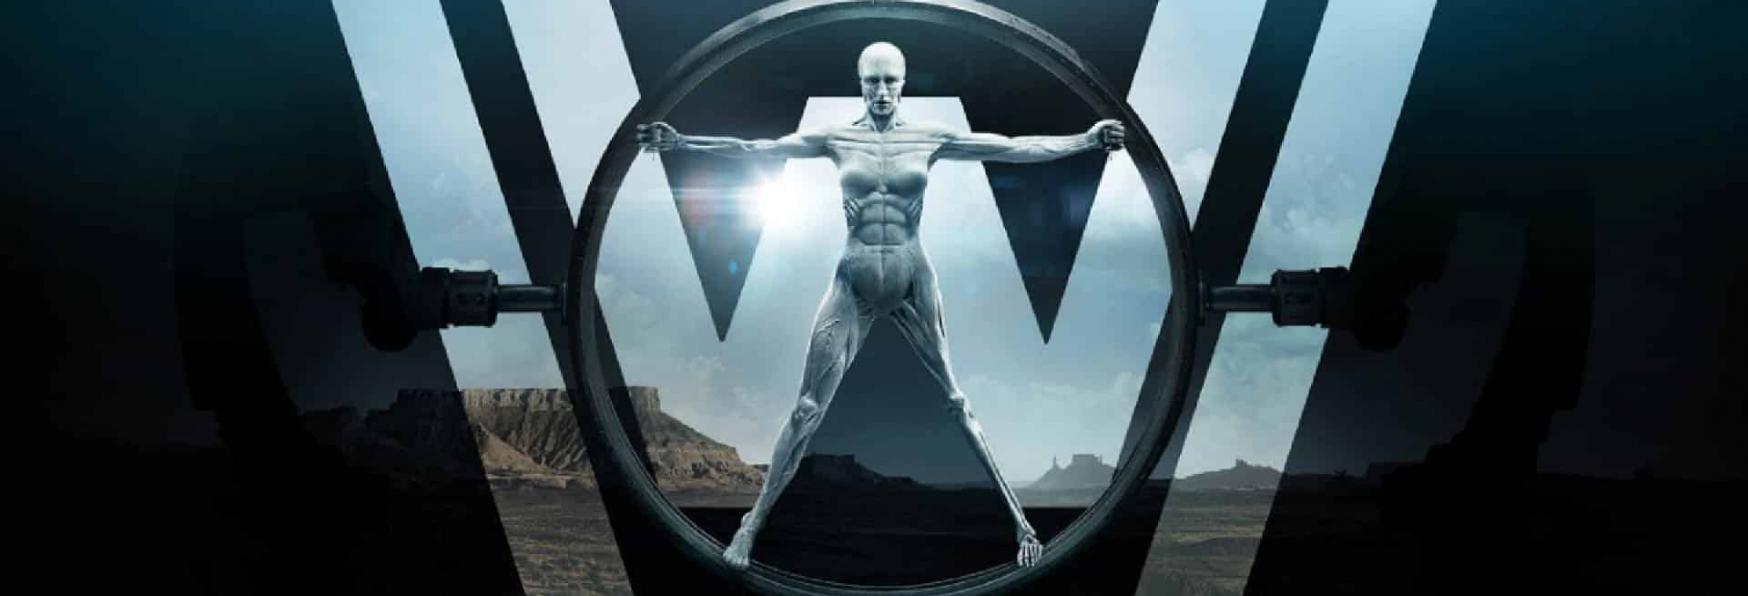 Westworld: al Comic-Con è stato mostrato il nuovo Trailer della 3° Stagione